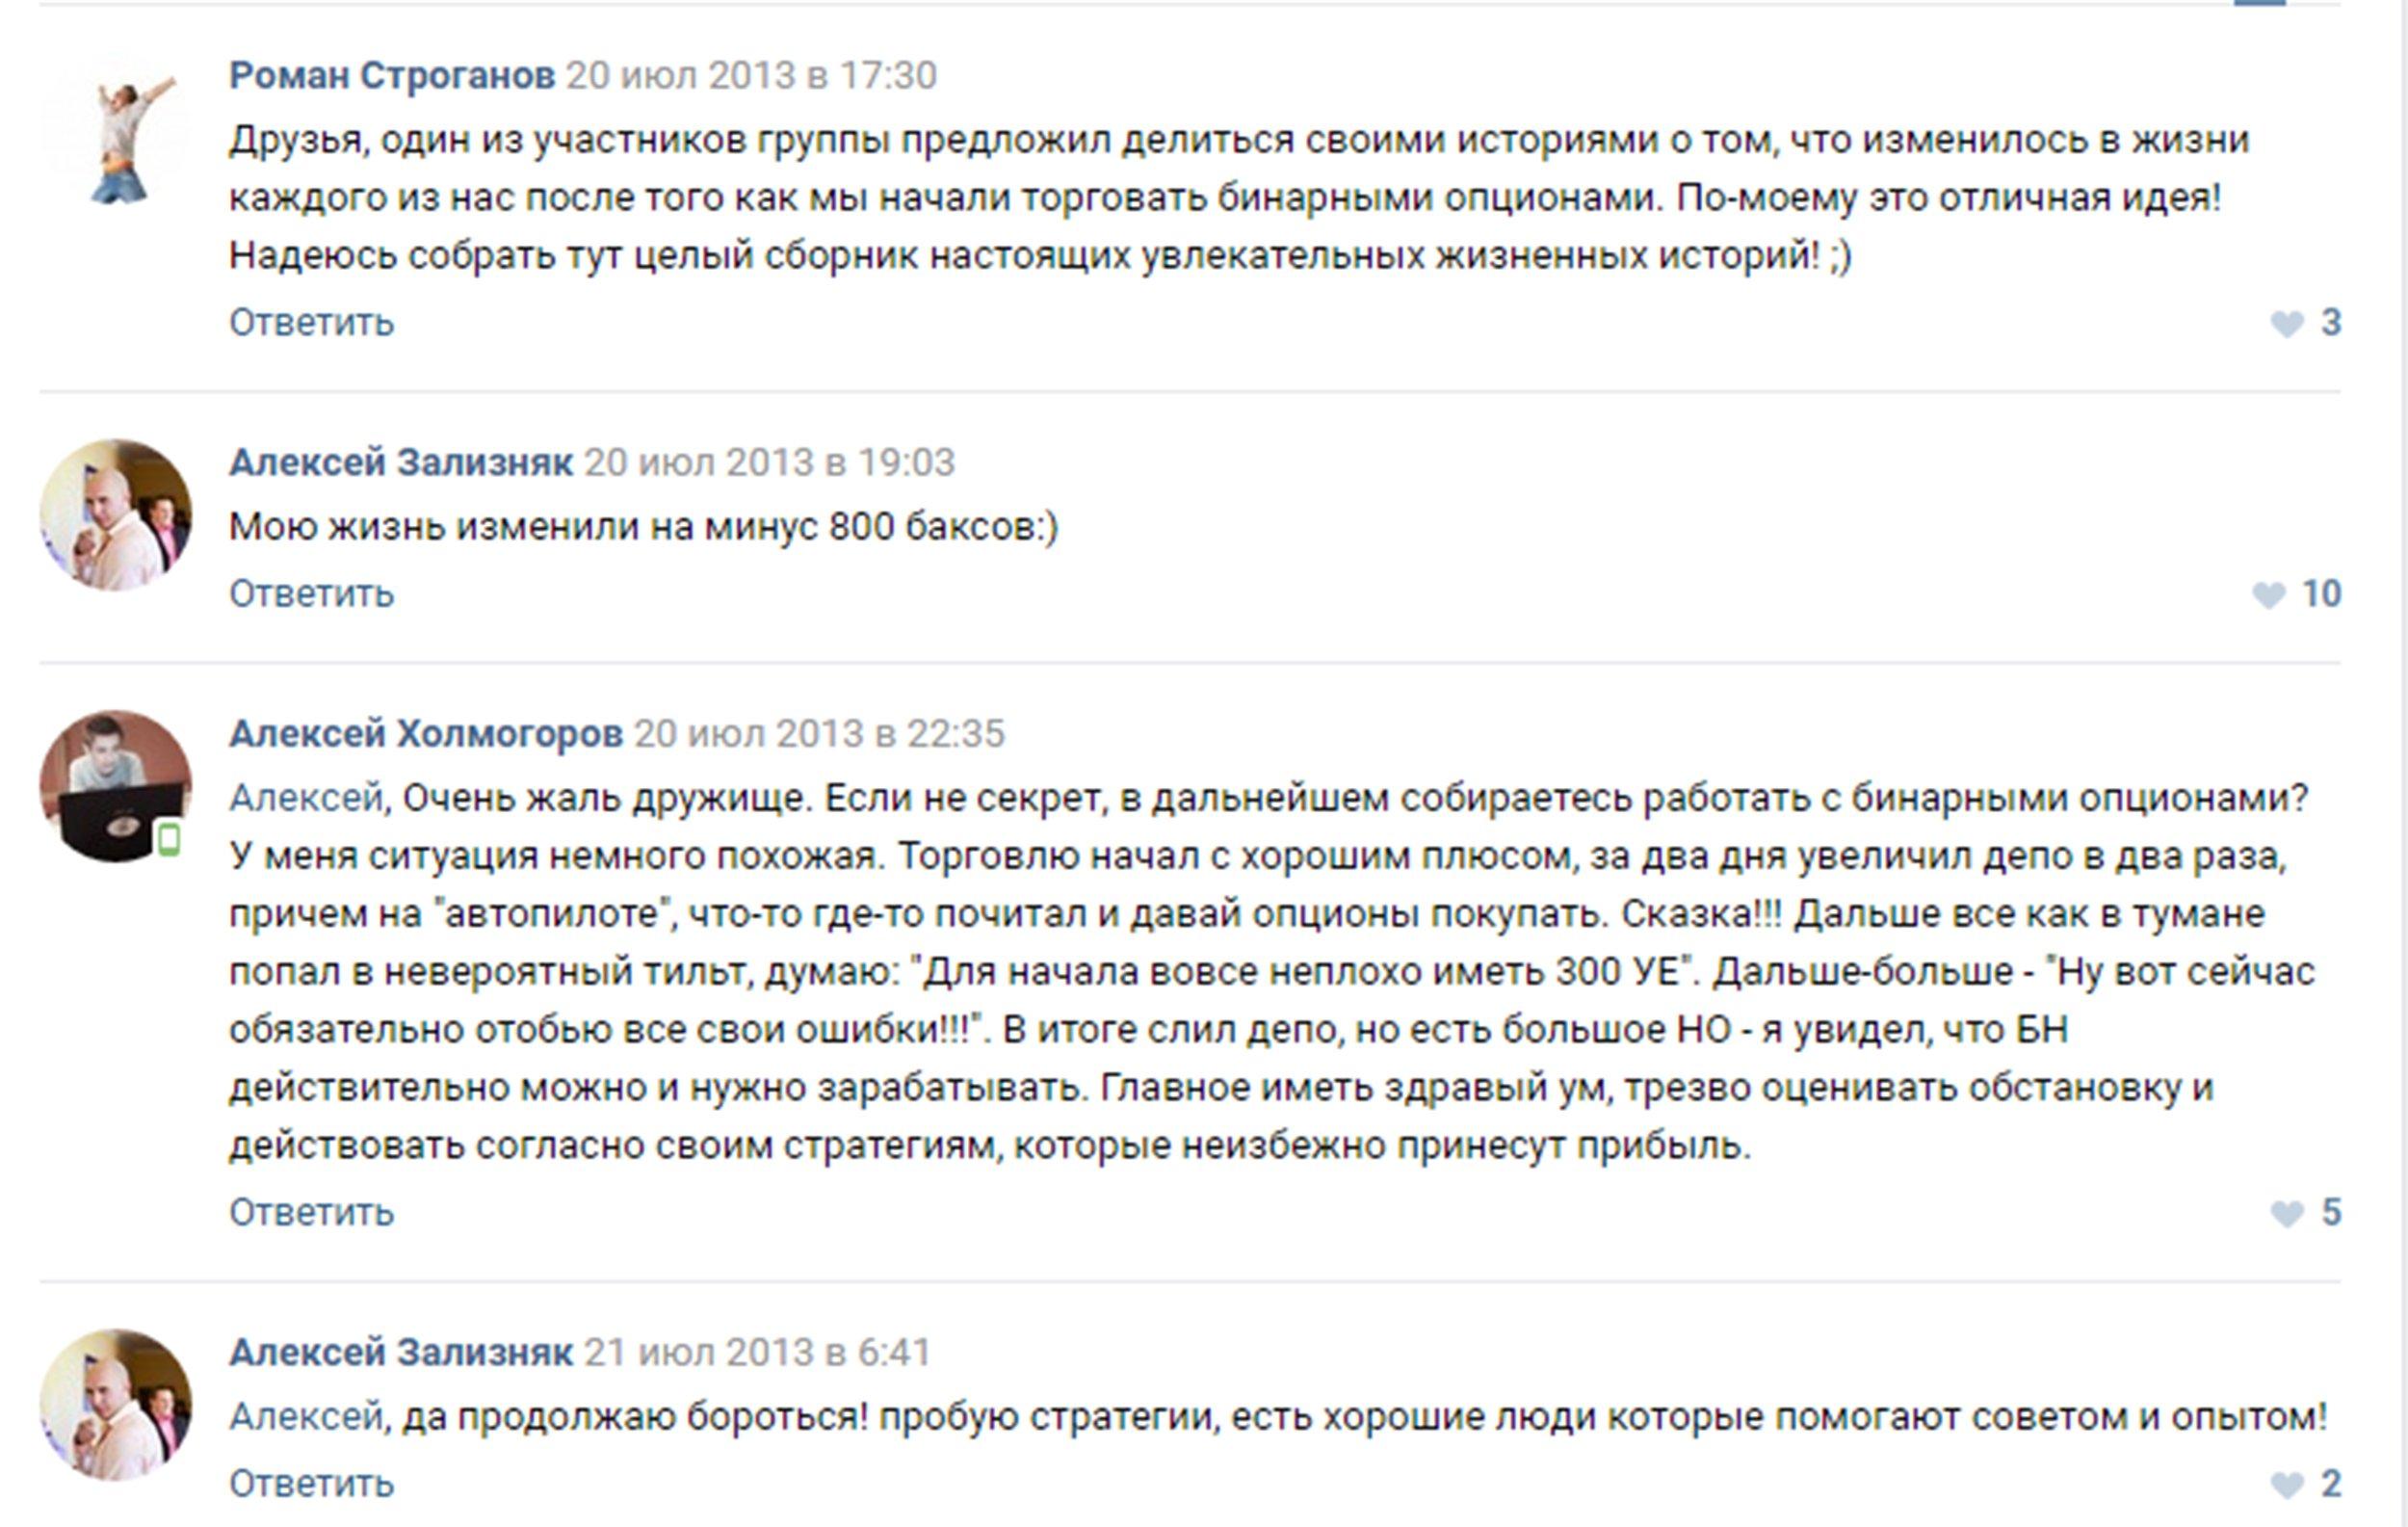 Юрий казанцев бинарные опционы отзывы-6